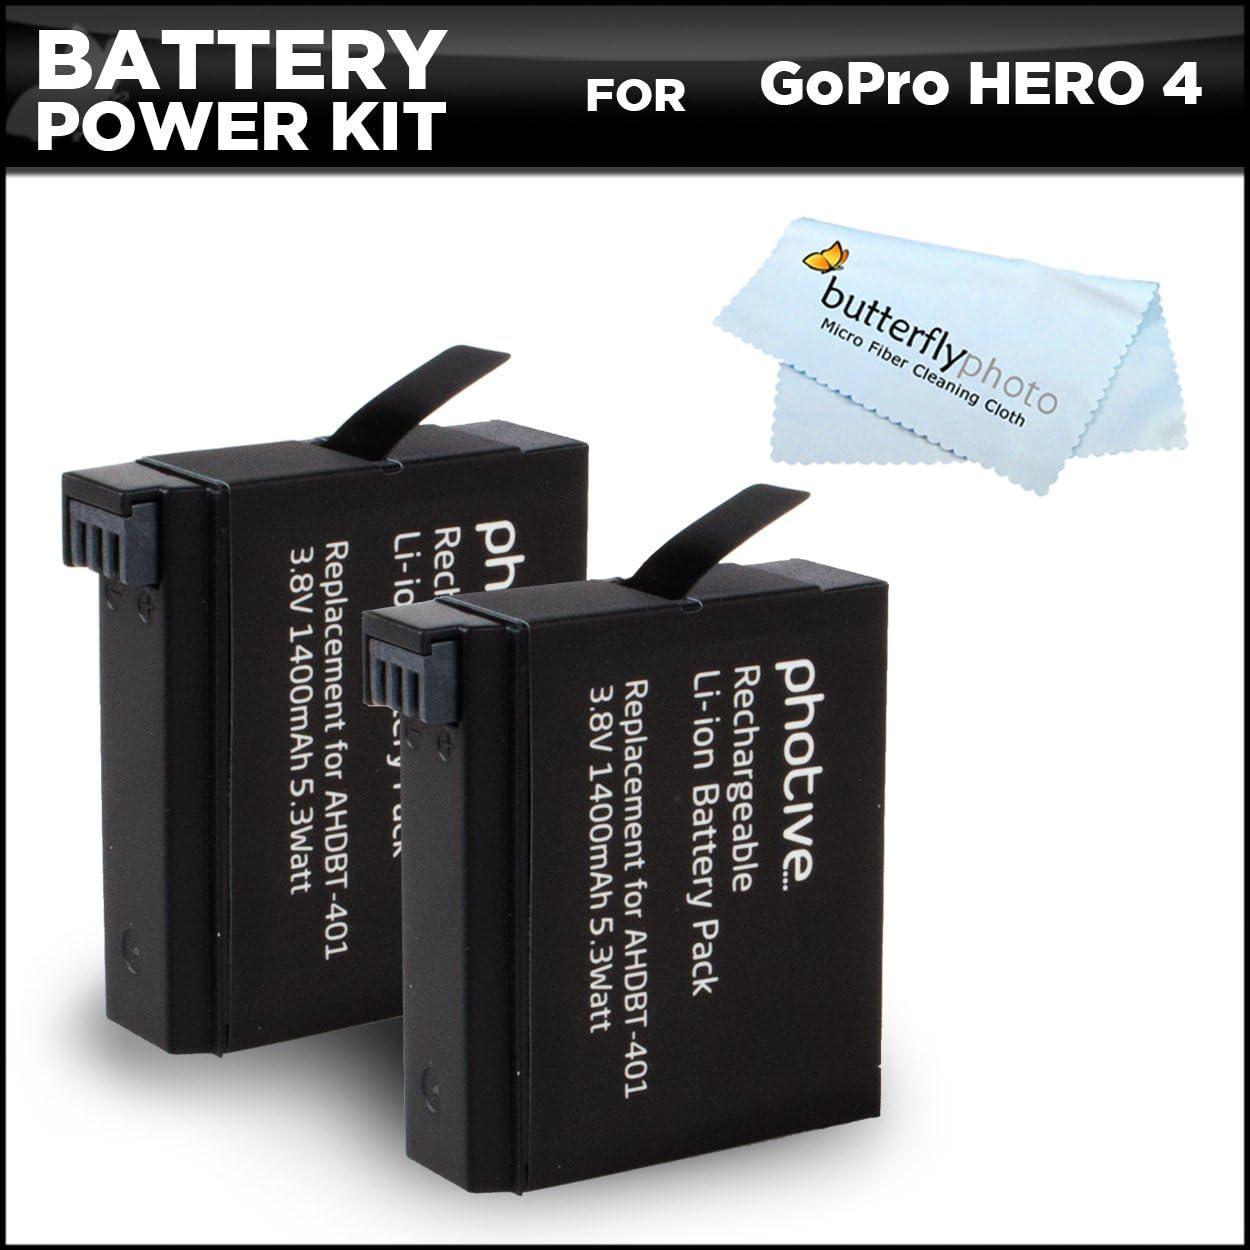 2 Pack Kit de alimentación recargable para Hero4 batería para ...